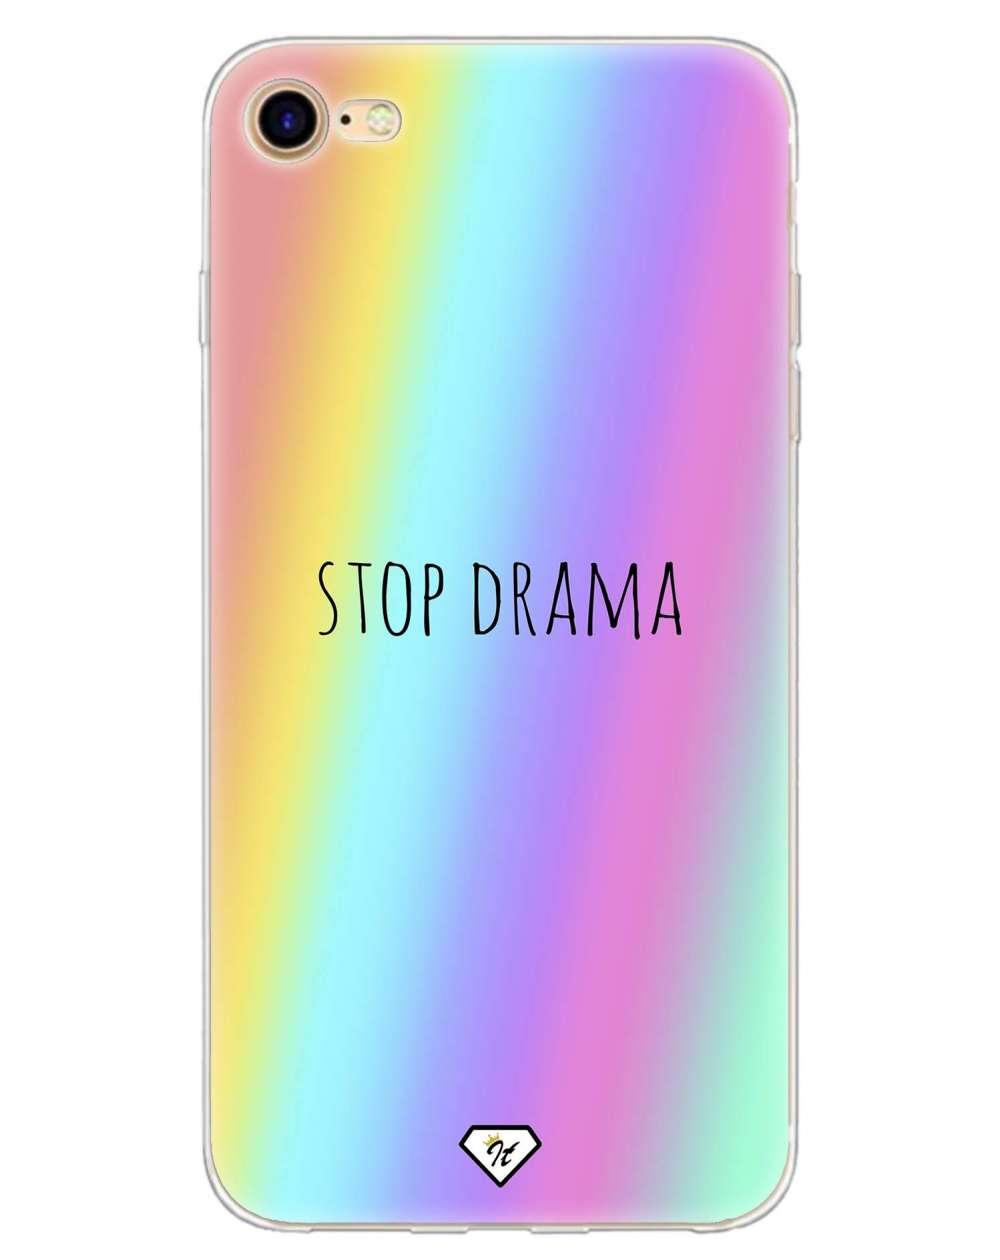 STOP DRAMA